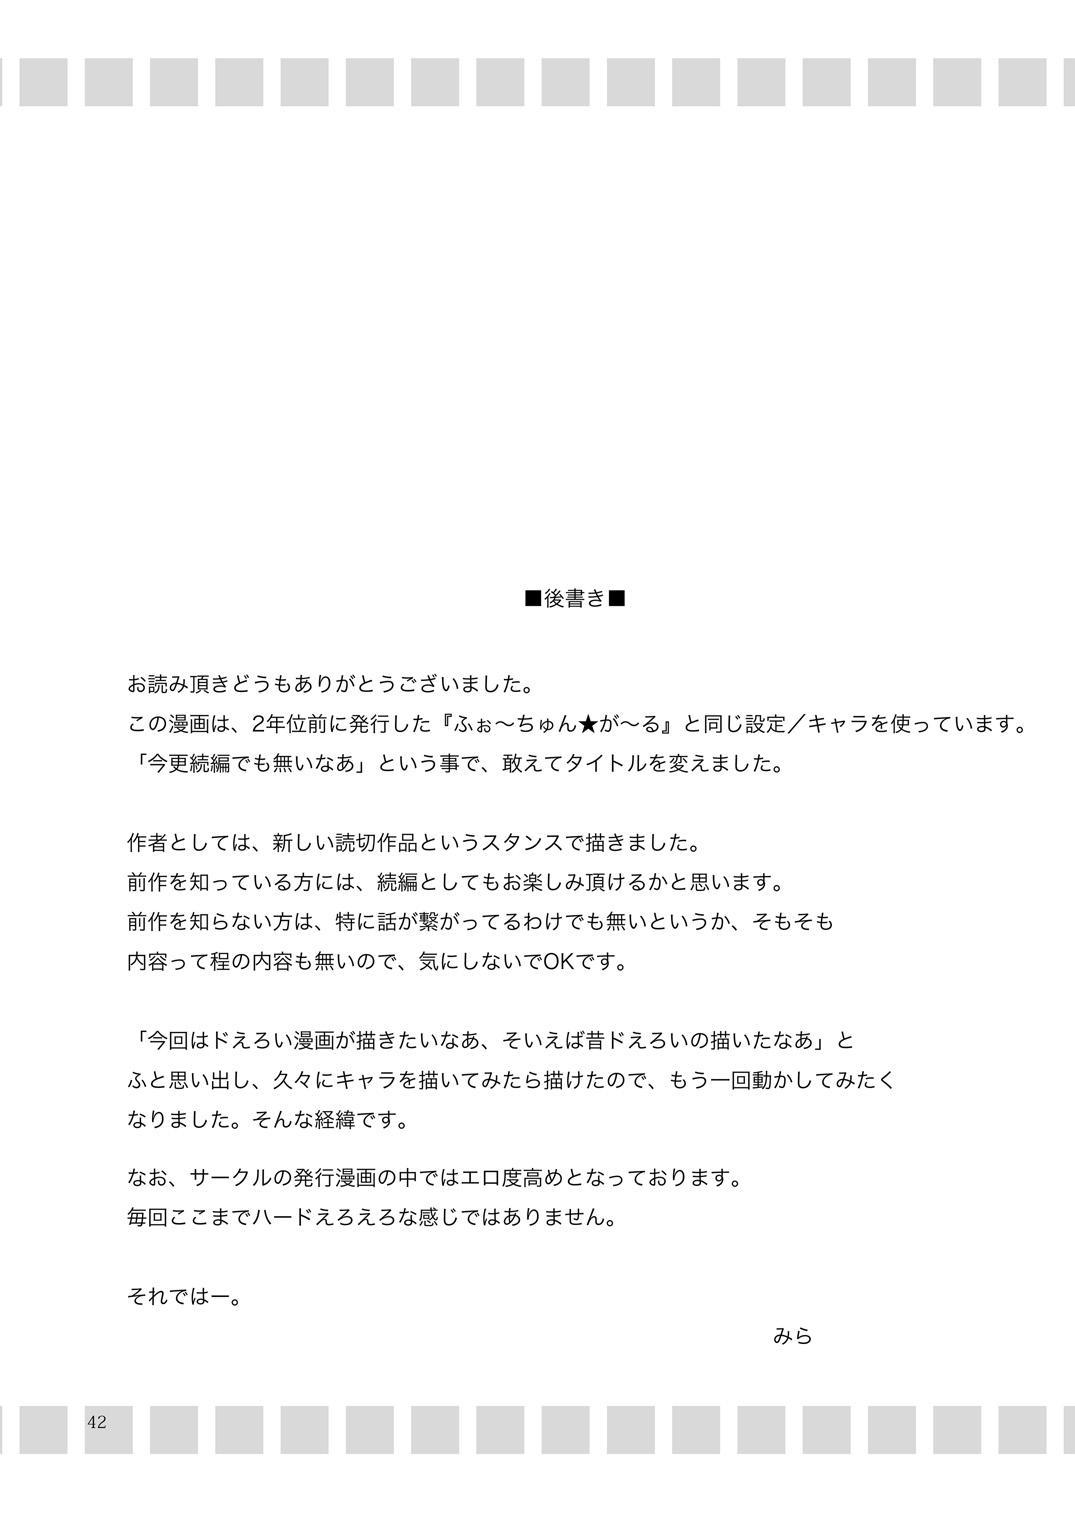 Goshujin-sama Daisuki! 41